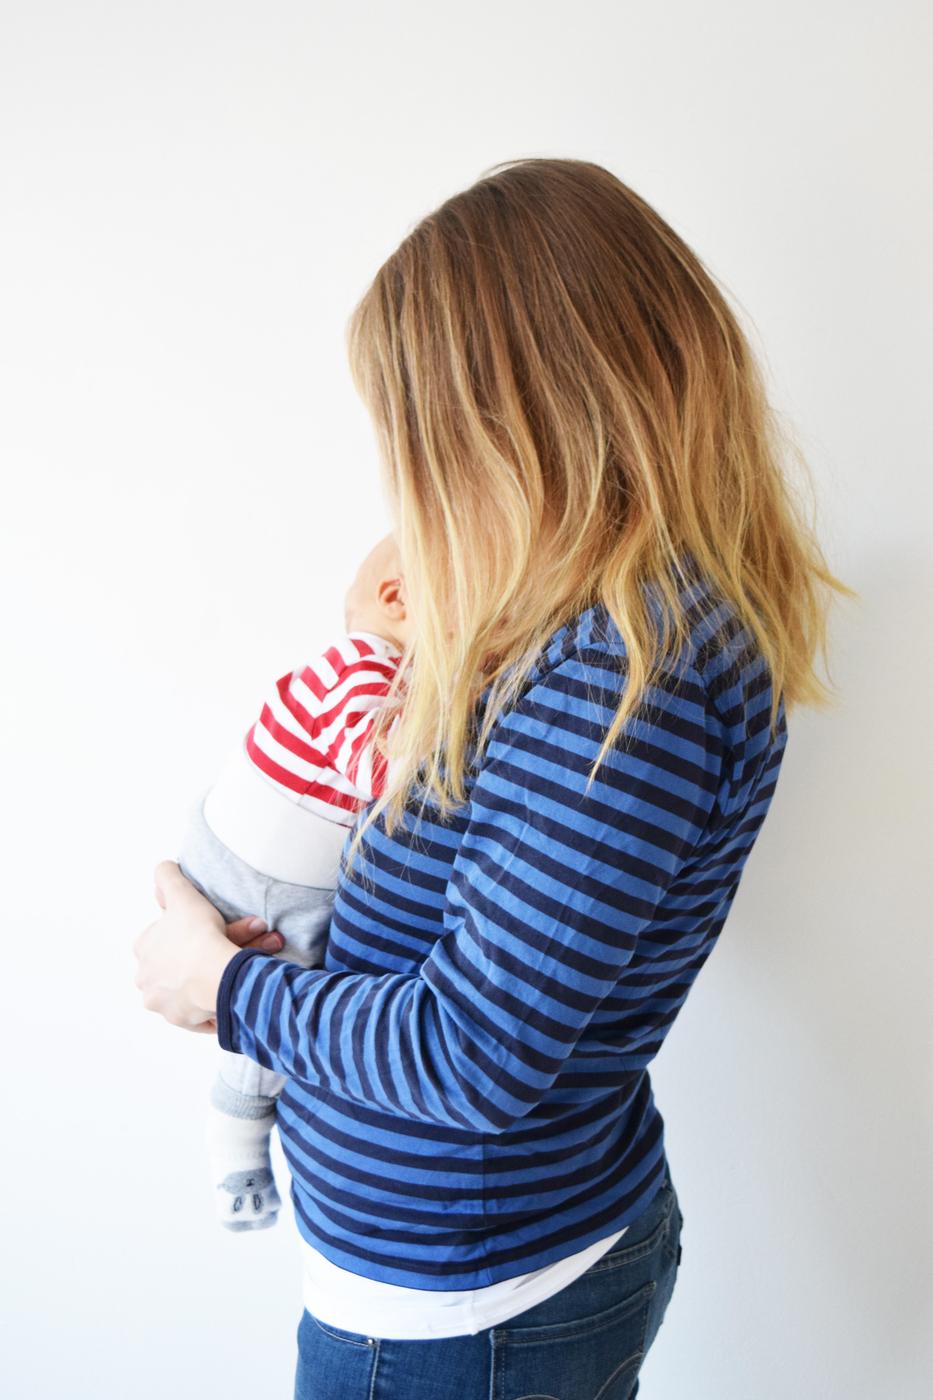 vauva2.jpg